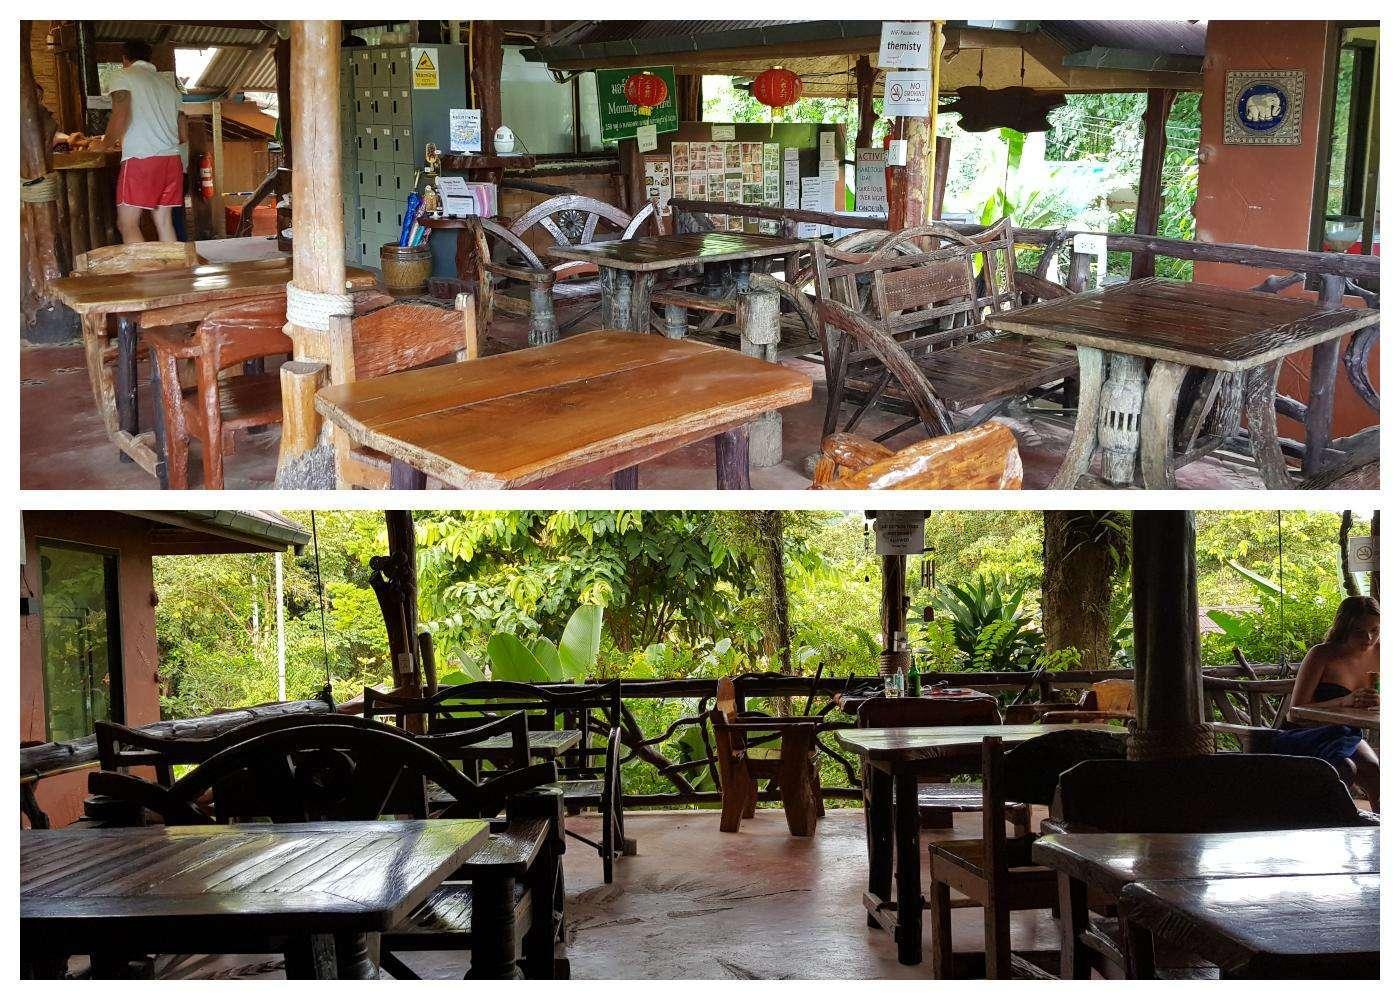 Collage van het Misty Restaurant gelegen in het Morning Mist Resort in Khao Sok, Thailand. Op de foto allemaal stoelen en tafels